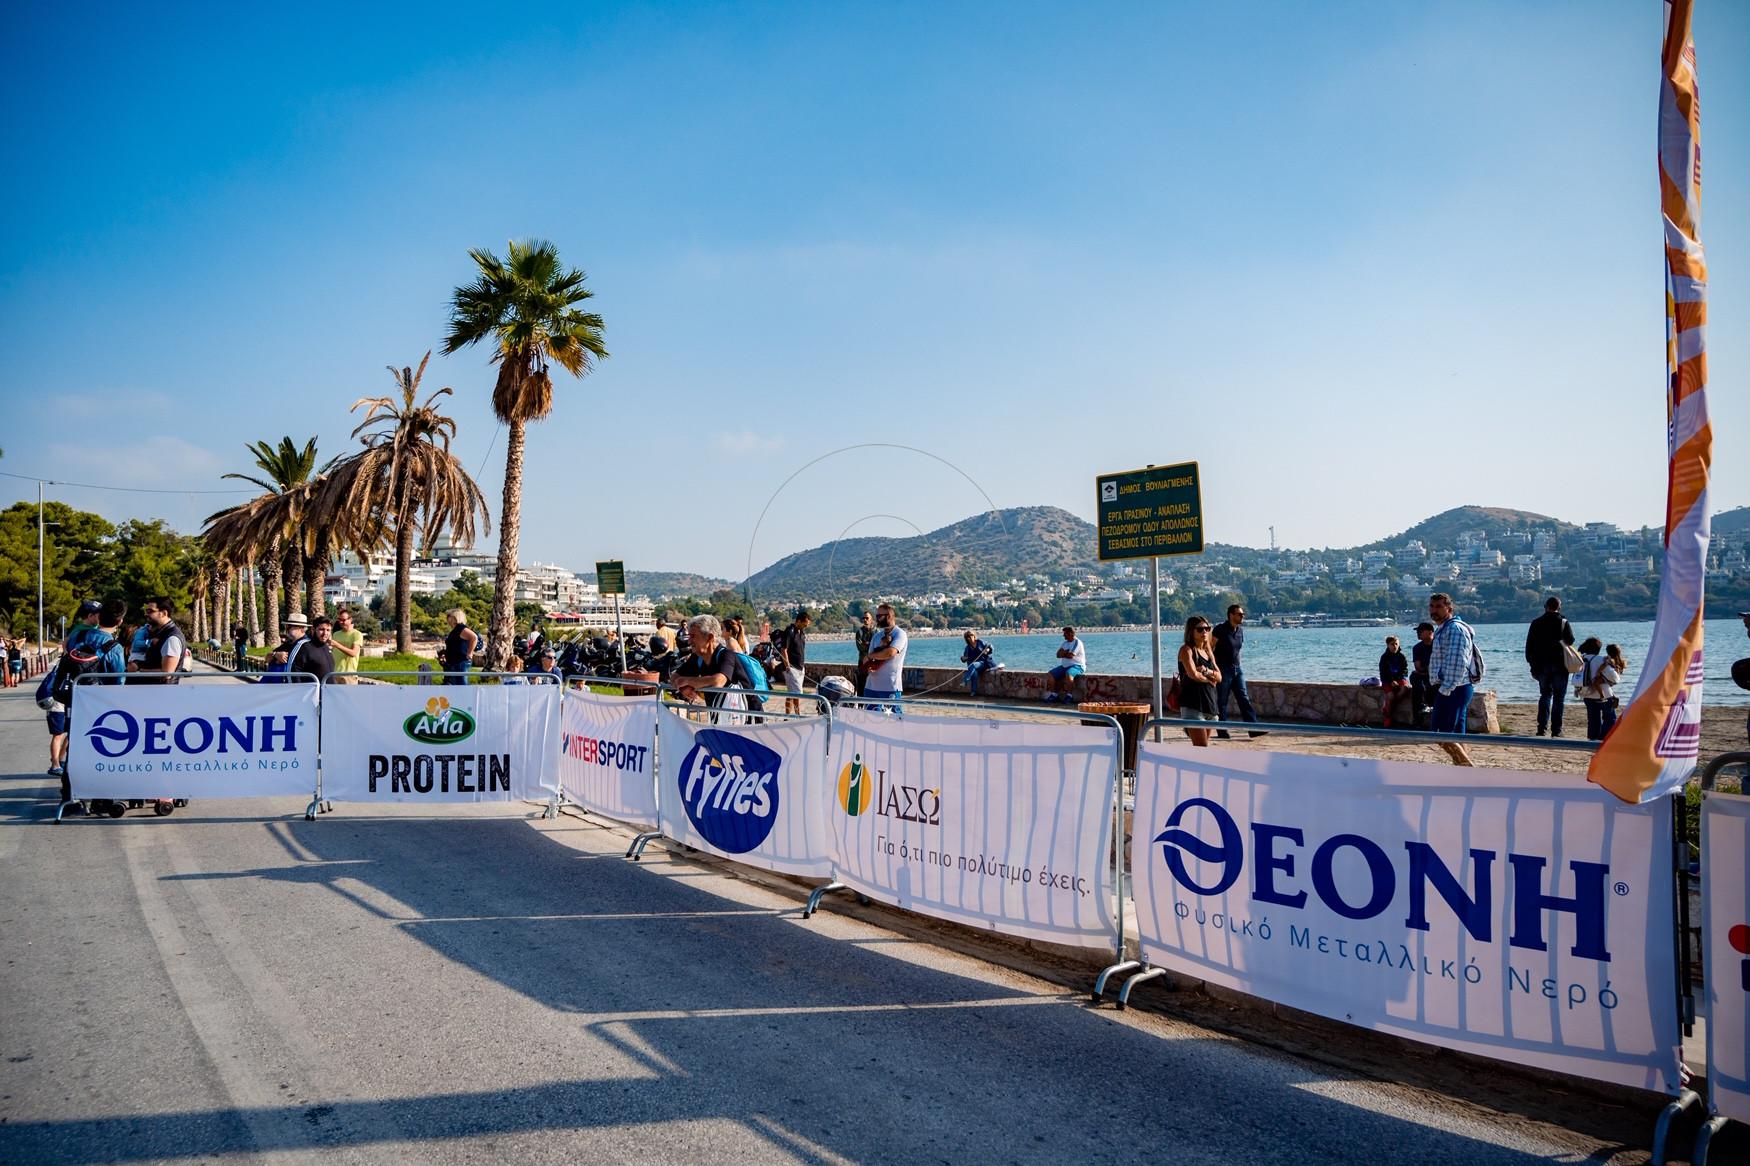 Το ΘΕΟΝΗ Φυσικό Μεταλλικό Νερό επίσημος Hydration Partner στο Ladies Run 2019